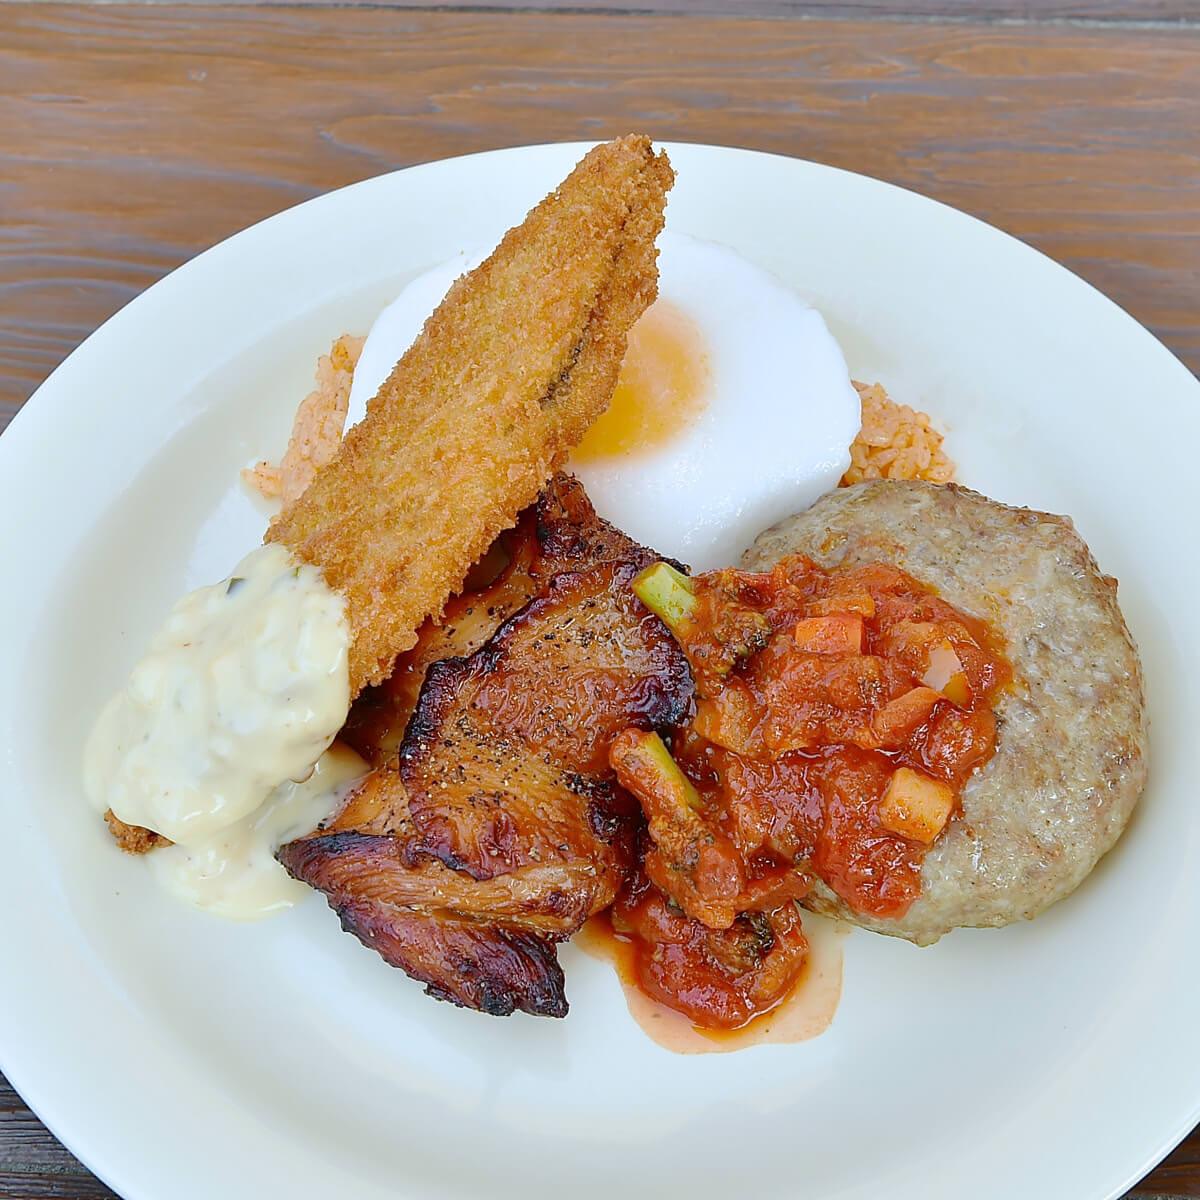 トマトソースハンバーグ、ローストチキン、白身魚のフライ メキシカンライスとエッグ添え